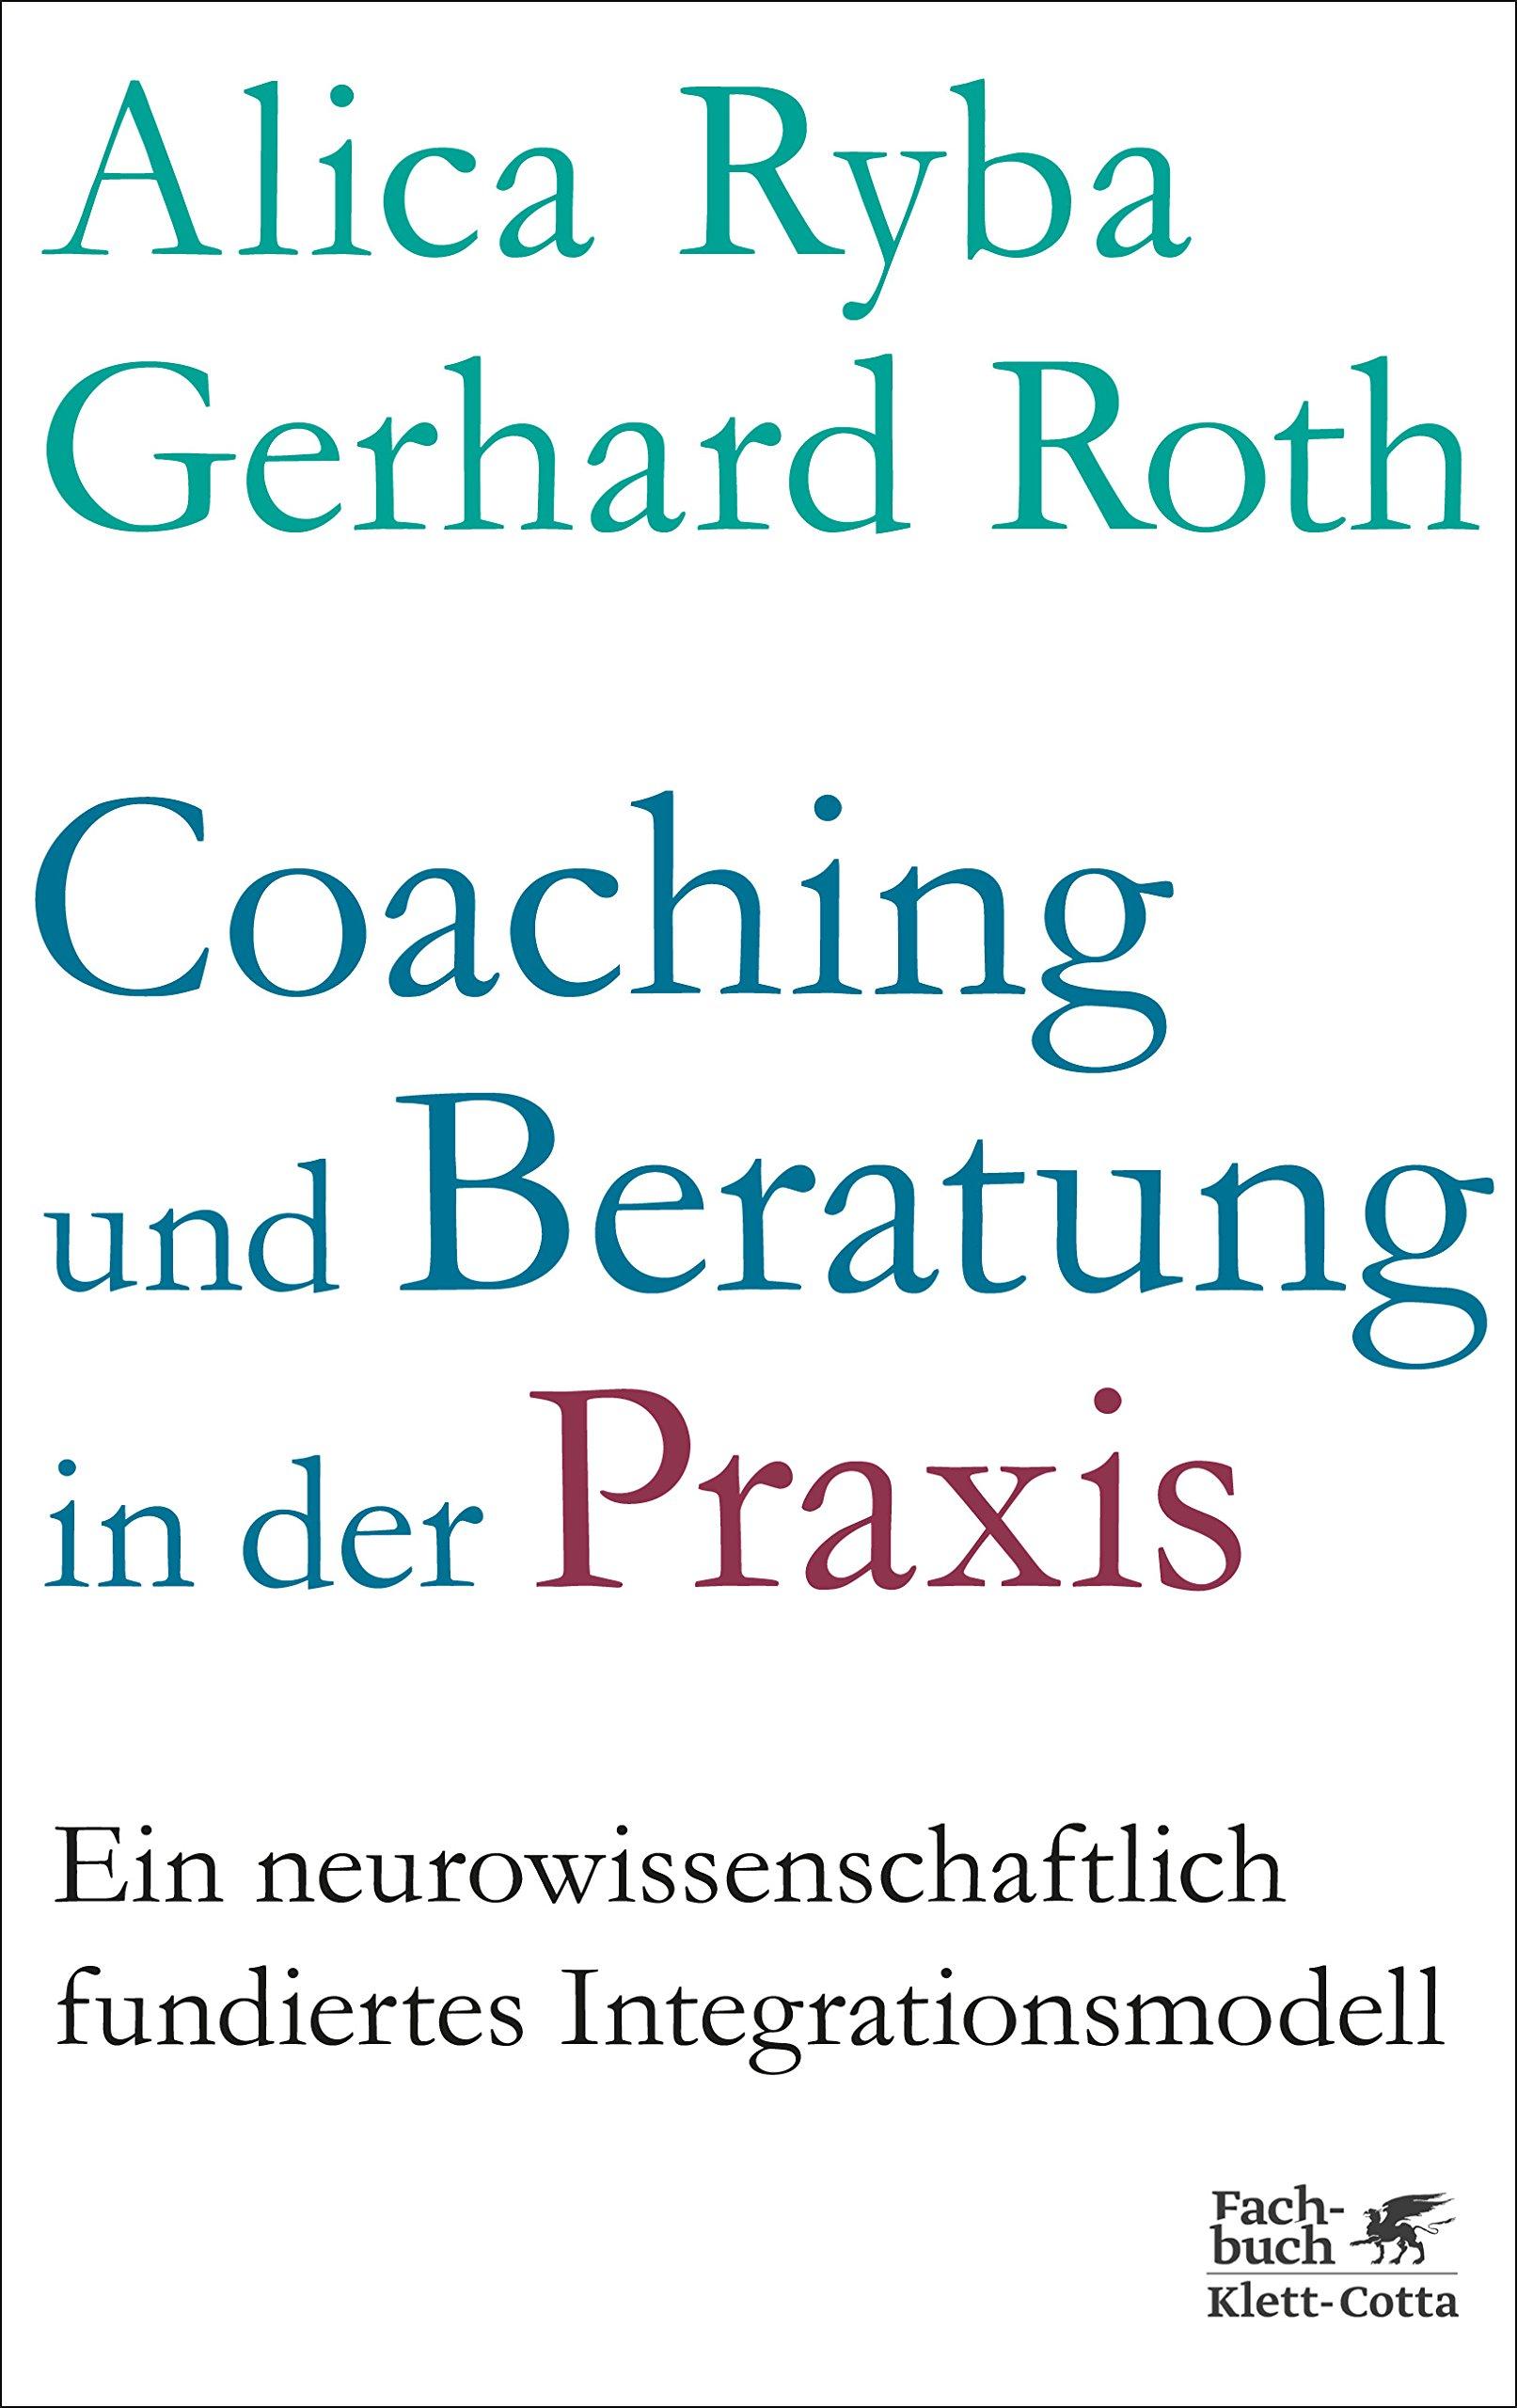 Coaching und Beratung in der Praxis: Ein neurowissenschaftlich fundiertes Integrationsmodell Taschenbuch – 31. Januar 2019 Alica Ryba Gerhard Roth Klett-Cotta 3608962158